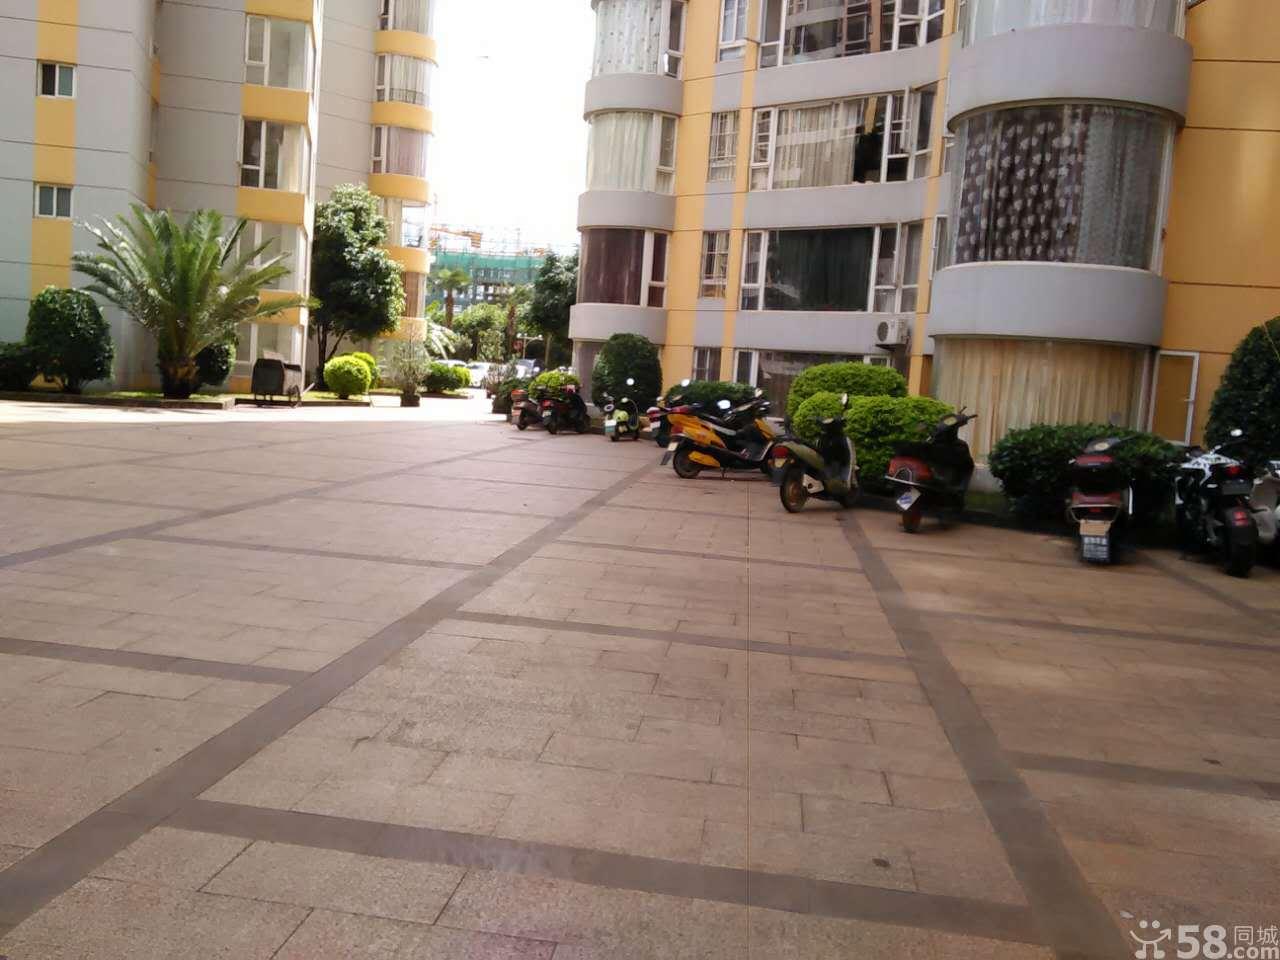 兰苑洋房 85万 3室2厅2卫 精装修,大型社区,居家首